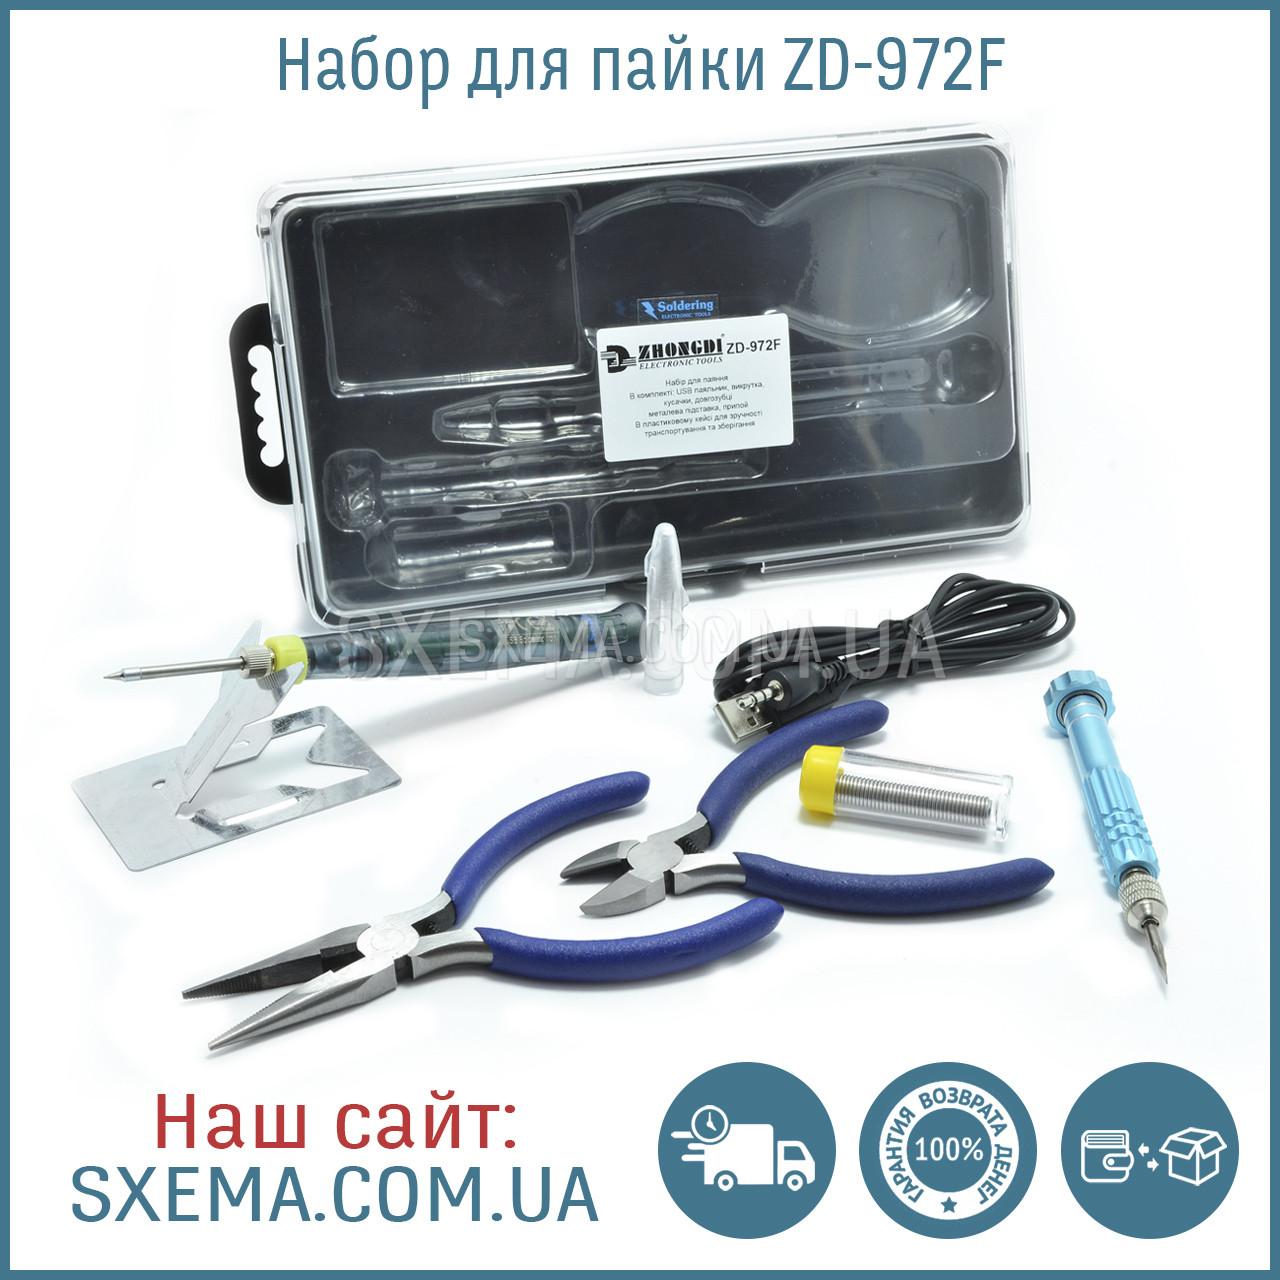 Набор инструментов ZD 972F USB паяльник, кусачки, утконосы, отвертка, кейс